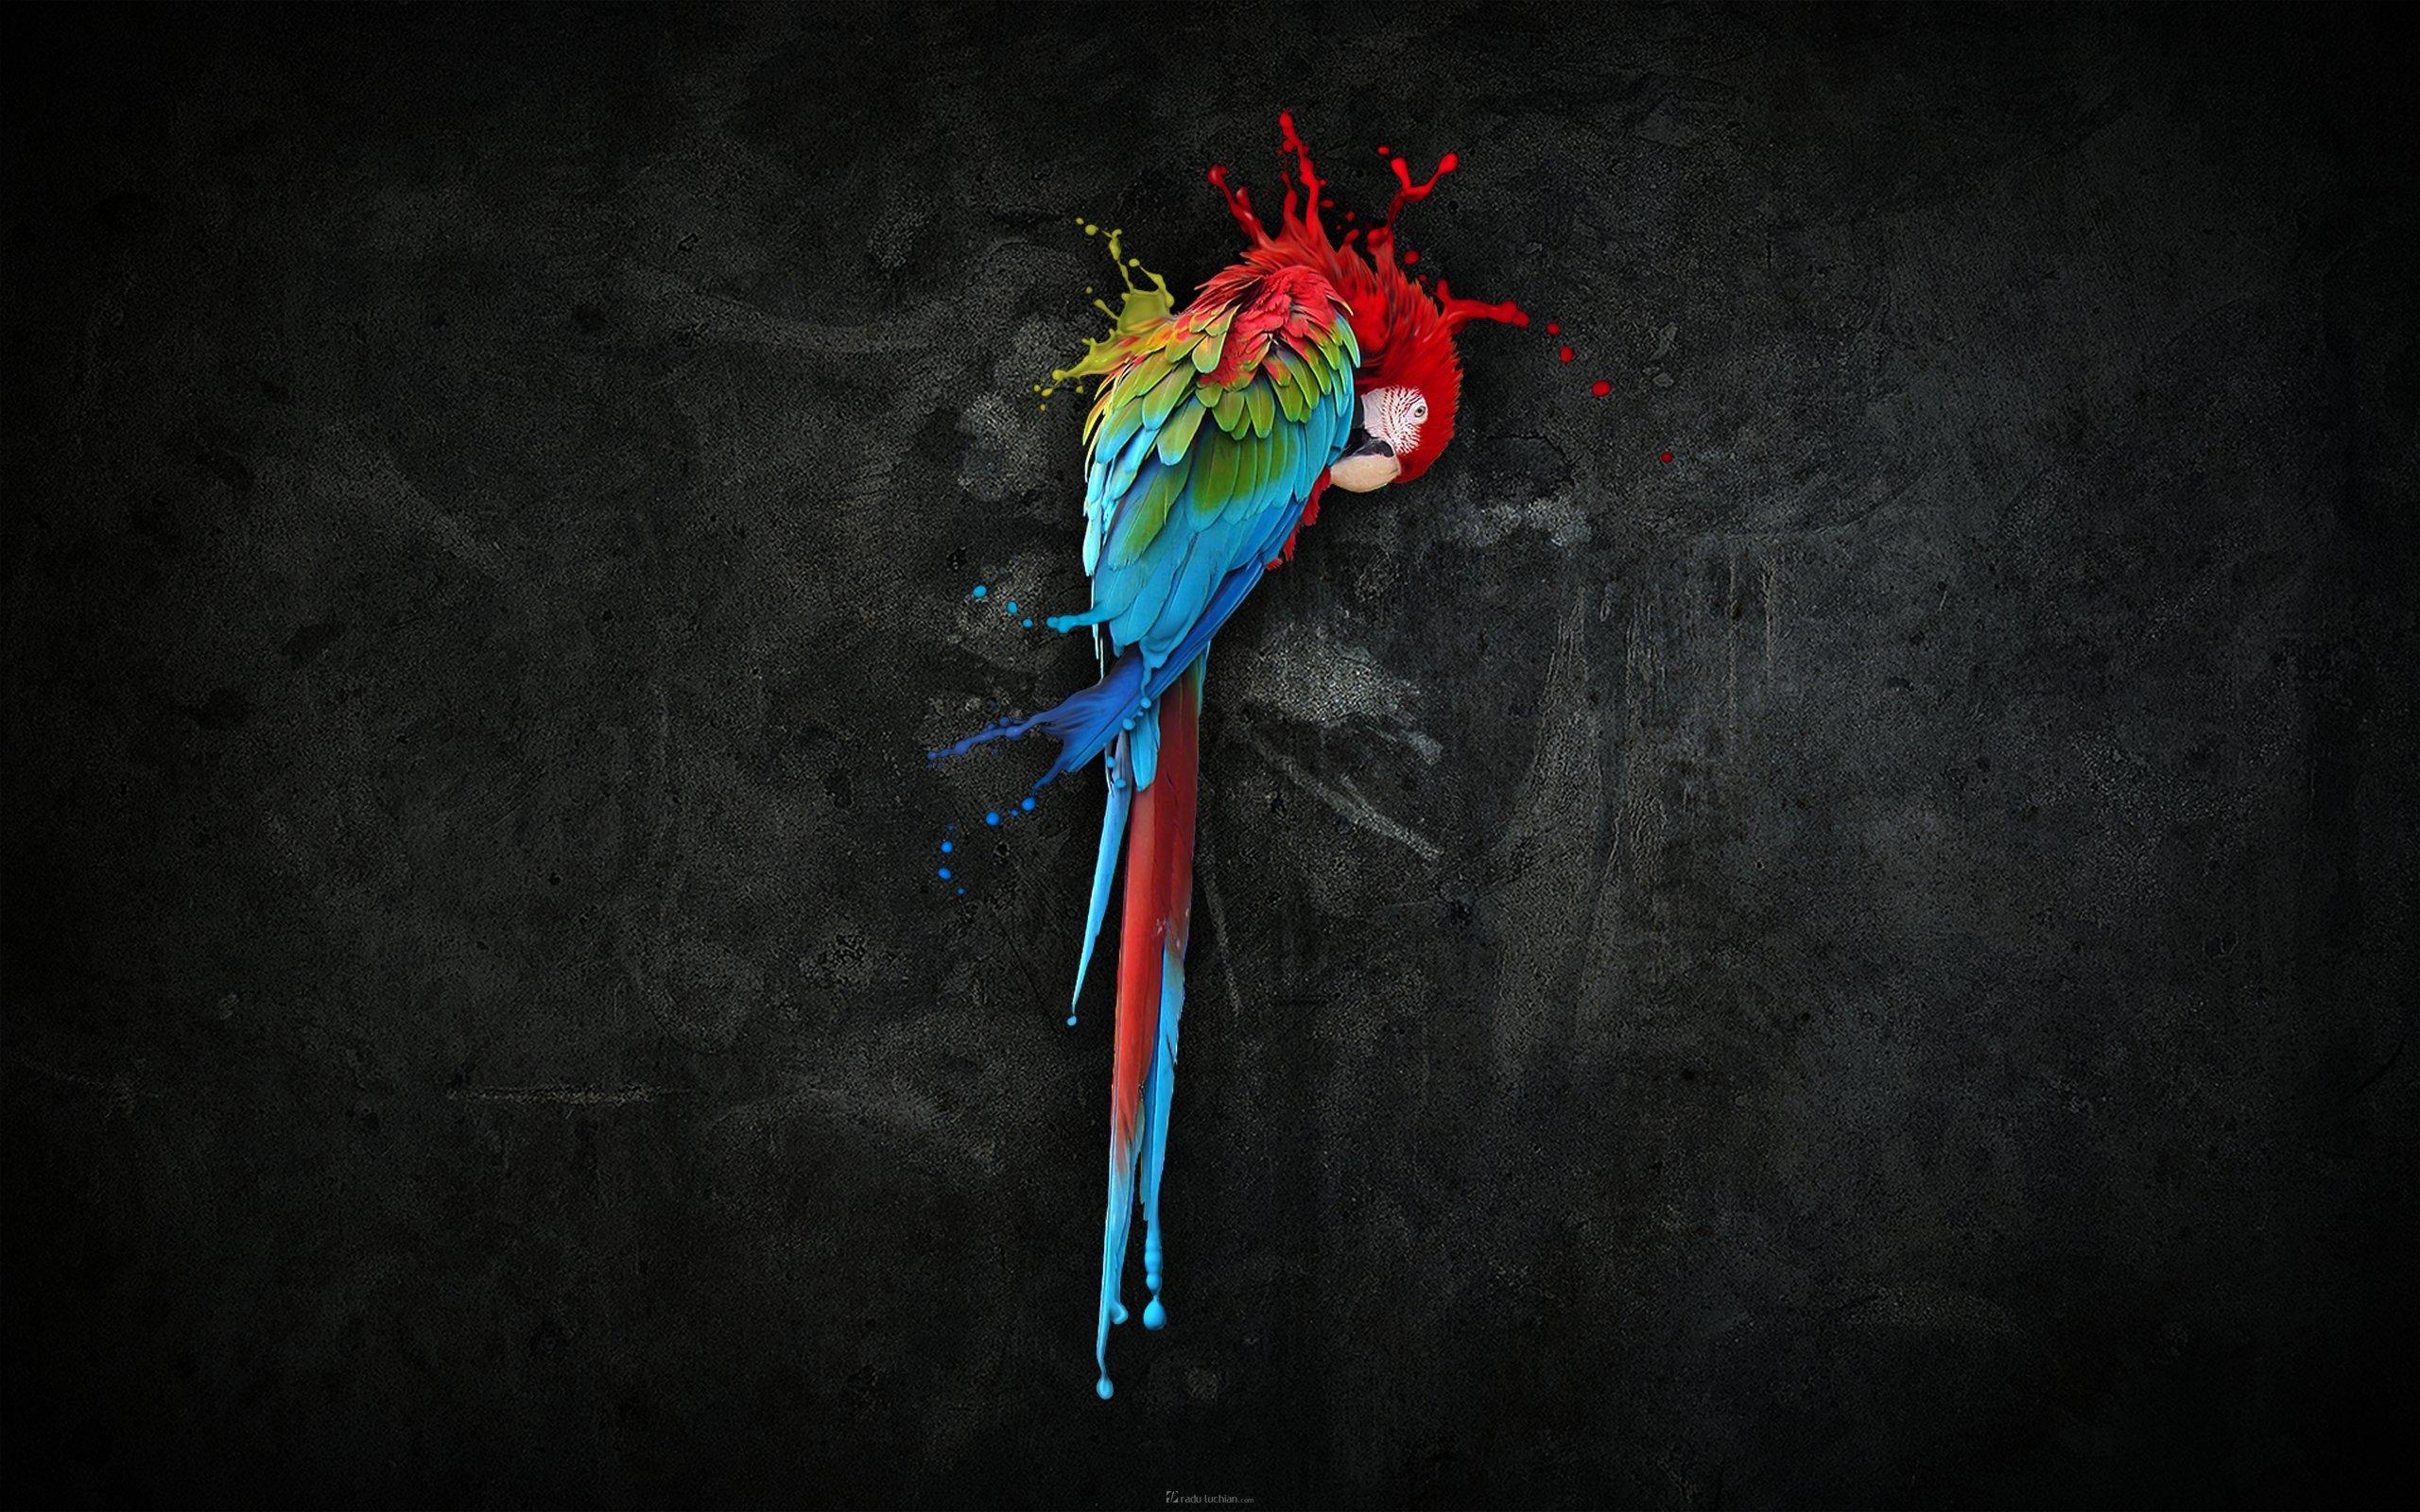 parrot wallpaper, скачать обои для рабочего стола, попугай